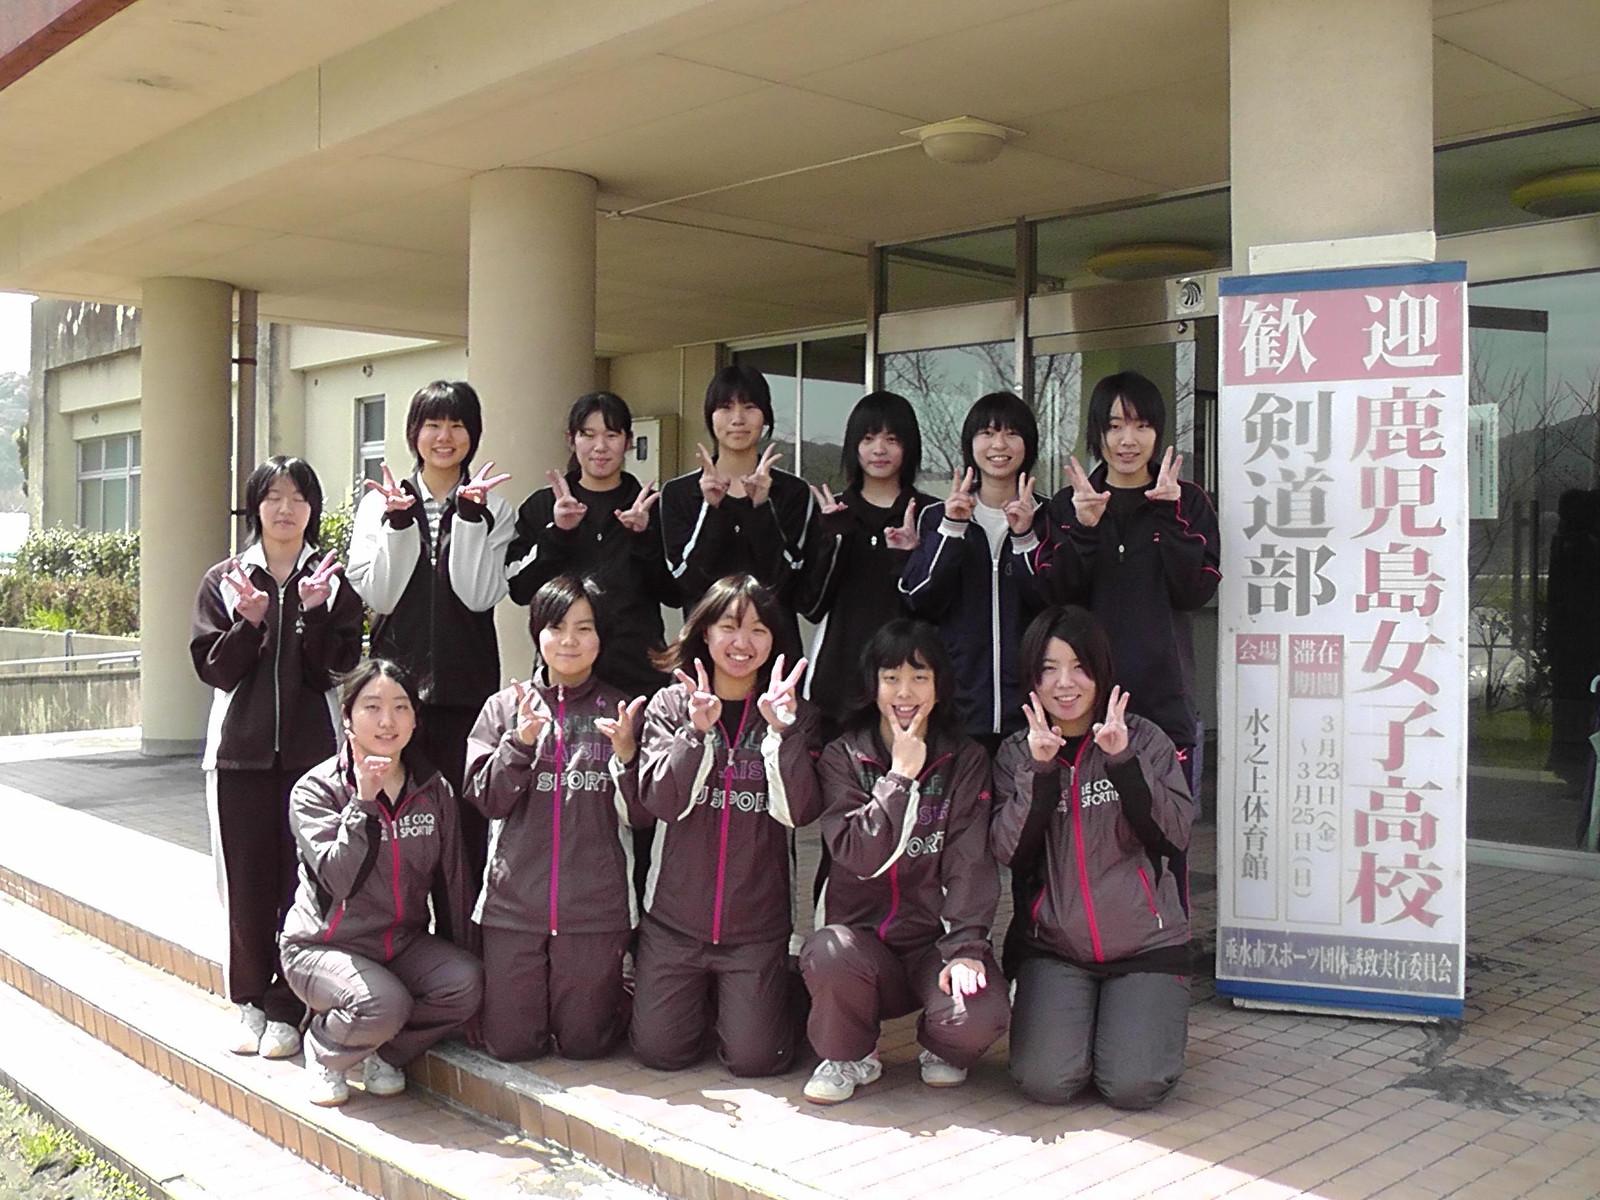 高校 鹿児島 女子